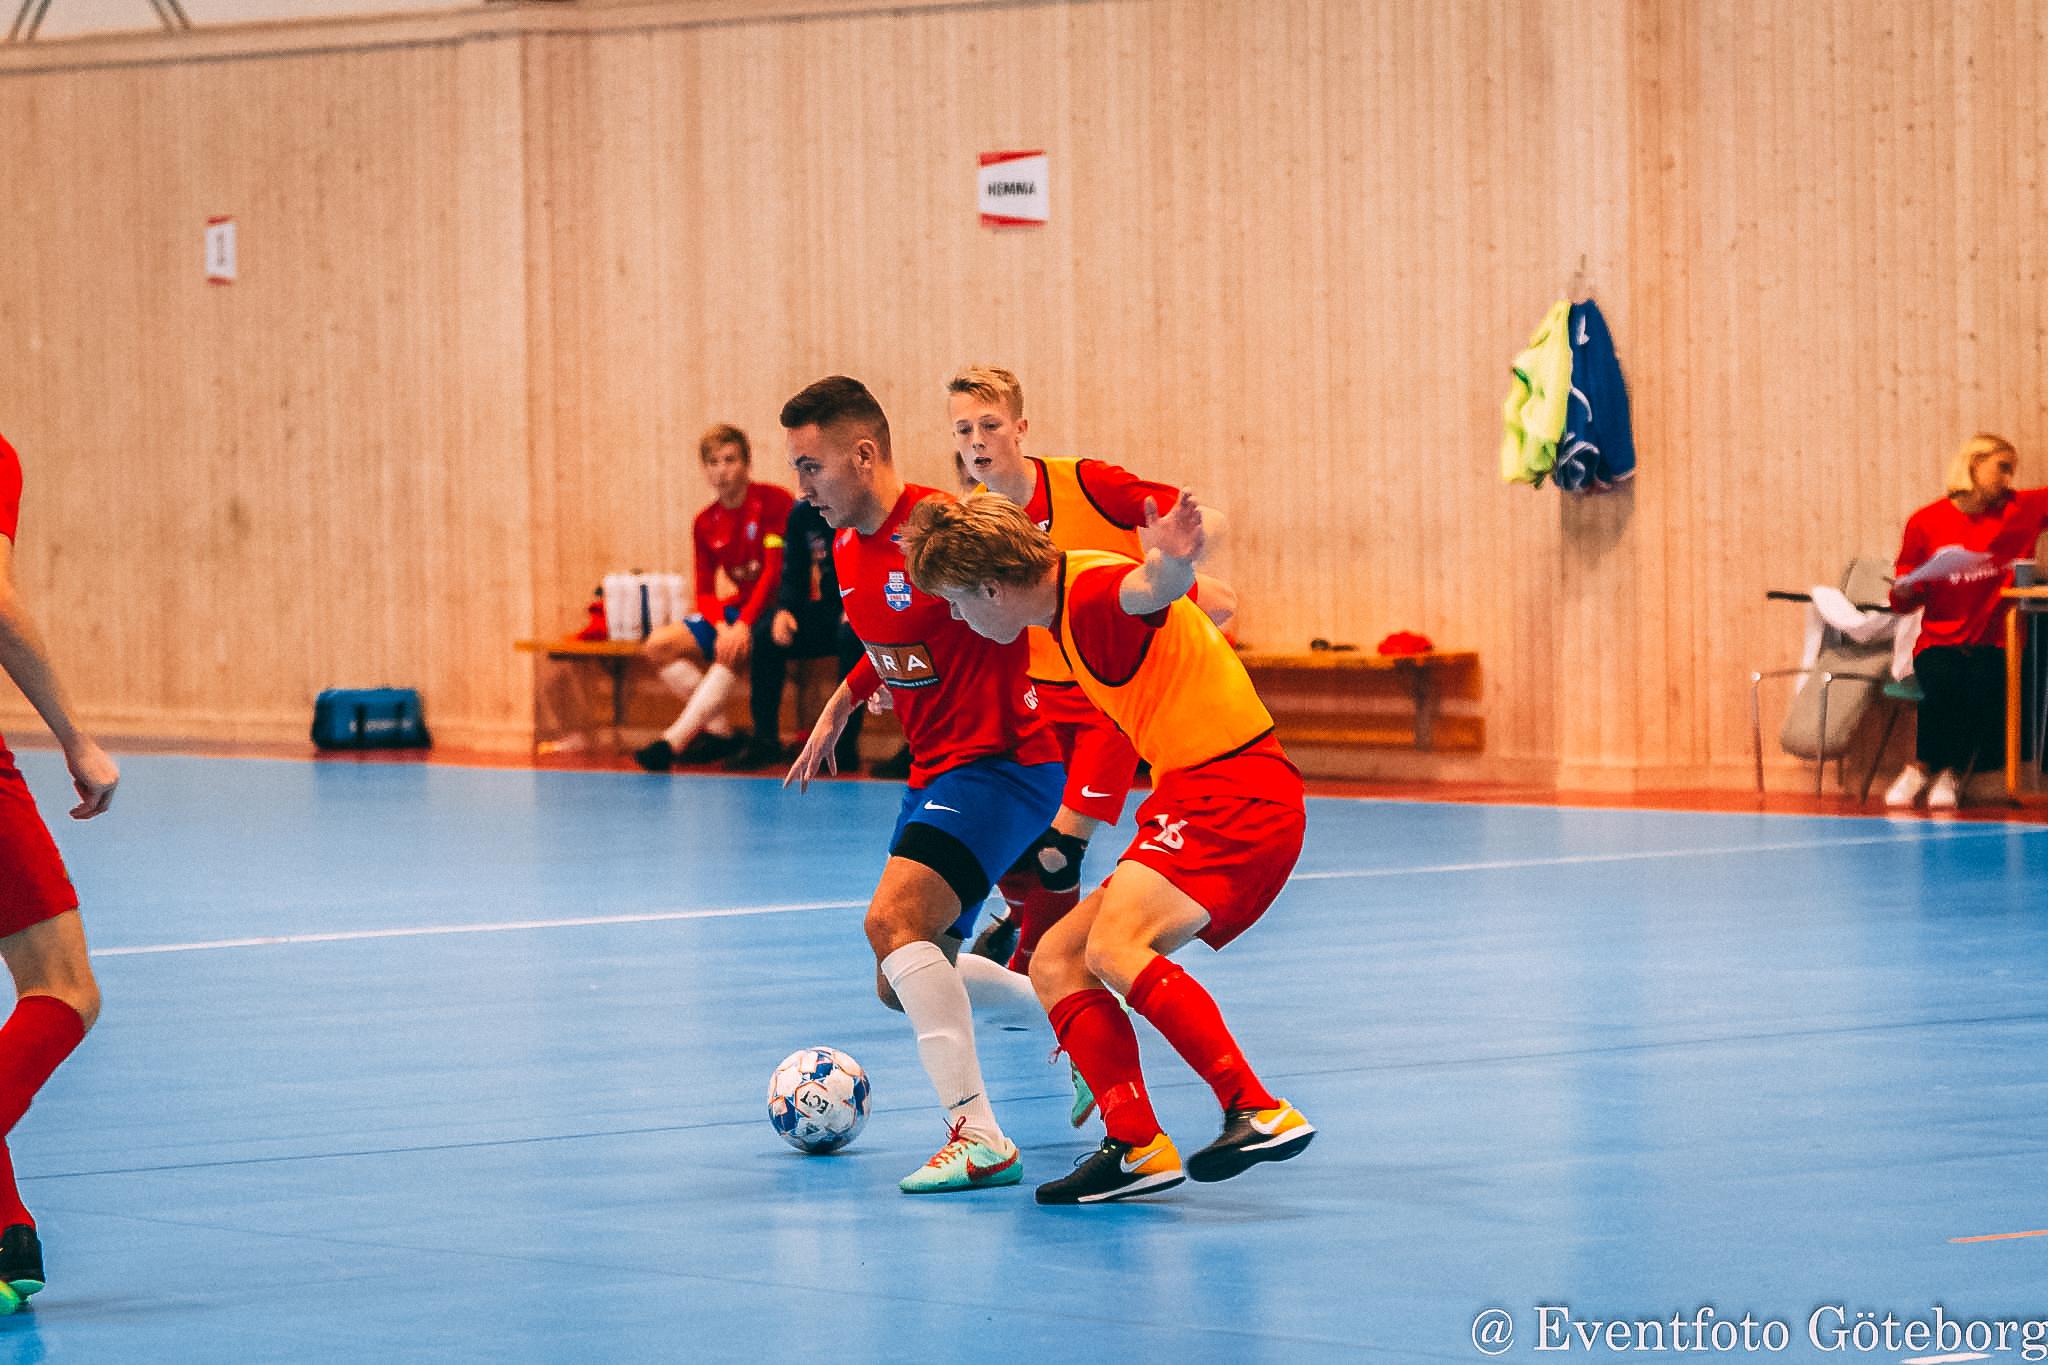 Anmälan för Torslanda Futsal Cup 2020 är öppen!